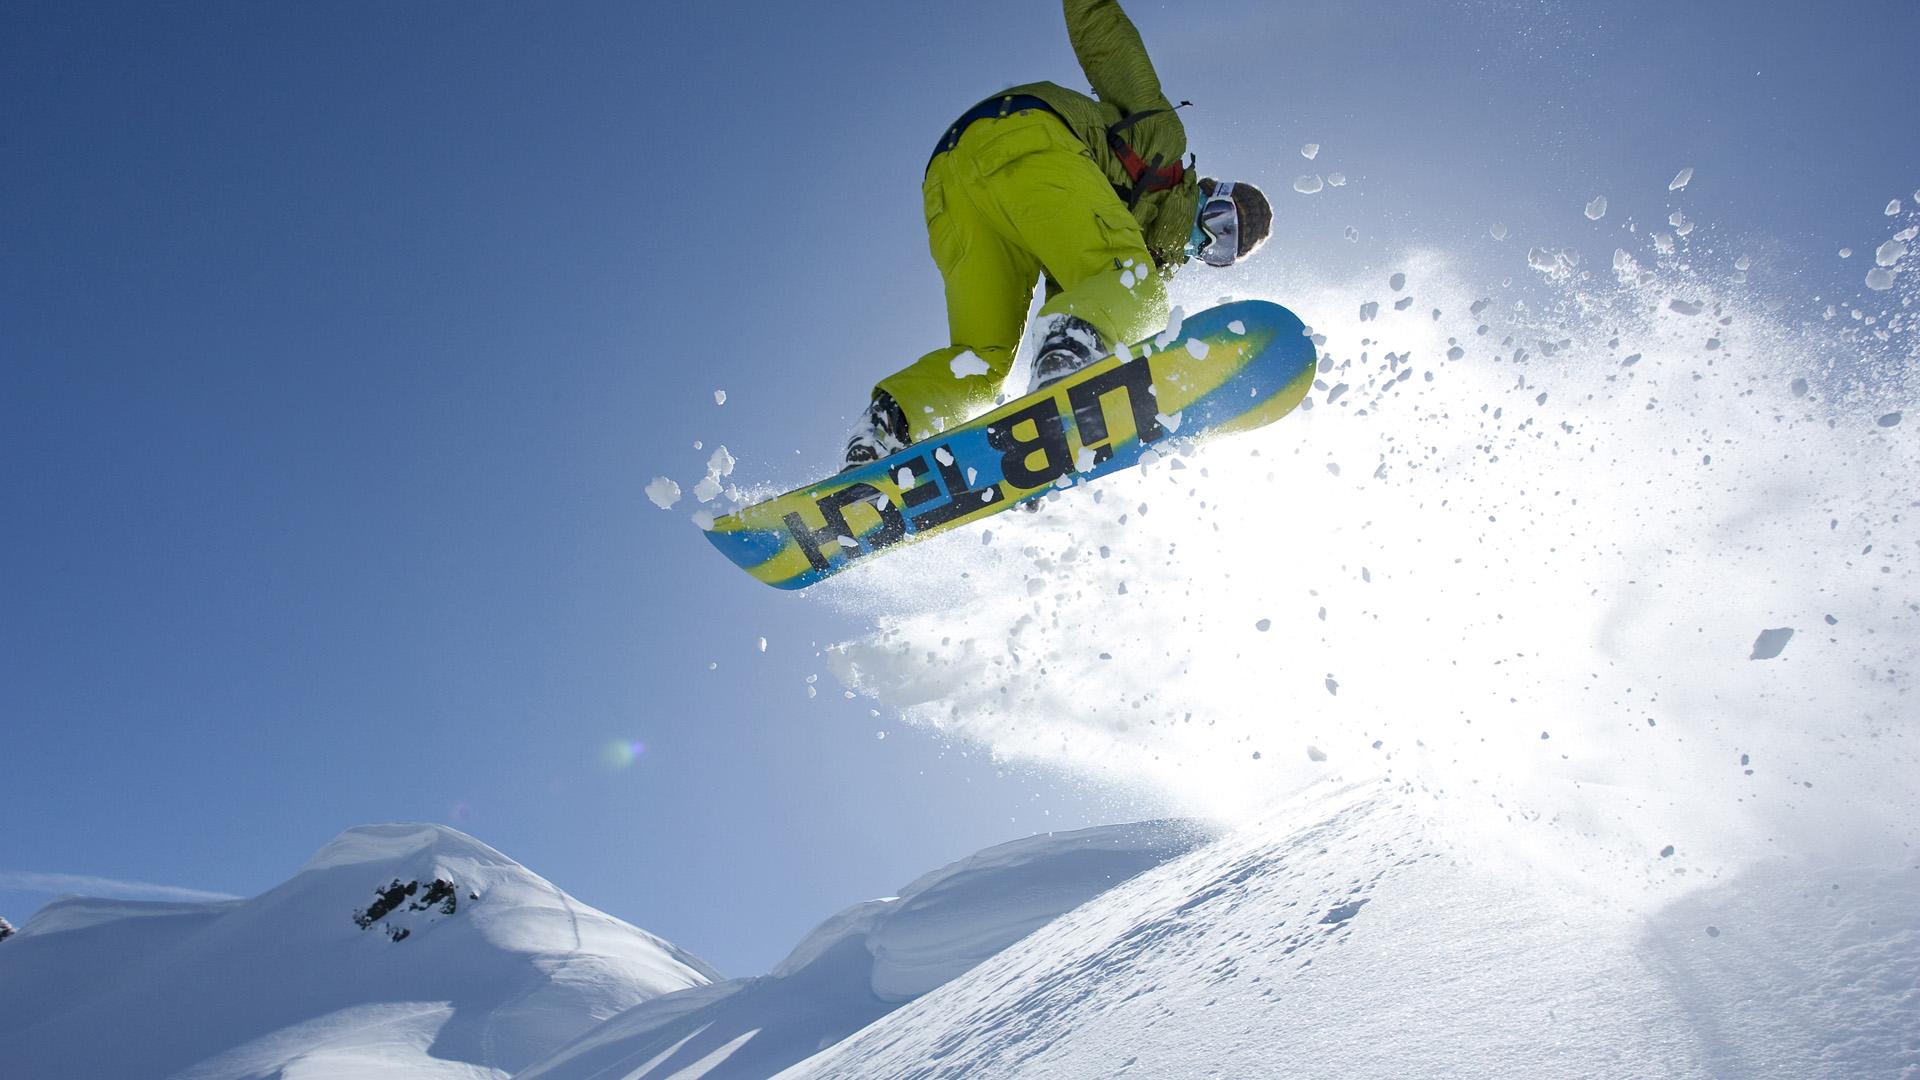 Что взять на отдых – лыжи или сноуборд? Сноуборд